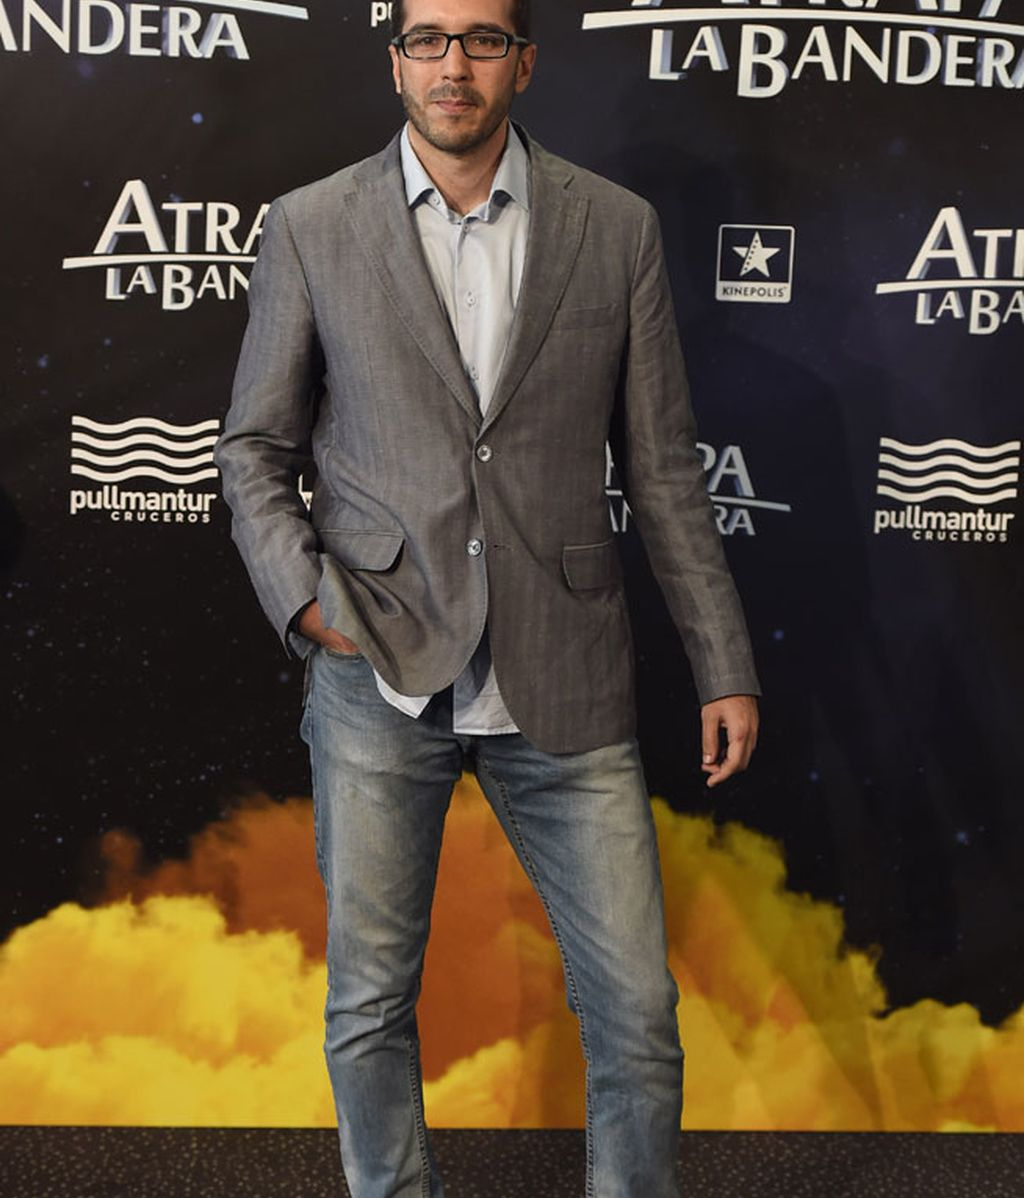 El director de la película, Enrique Gato Borregán